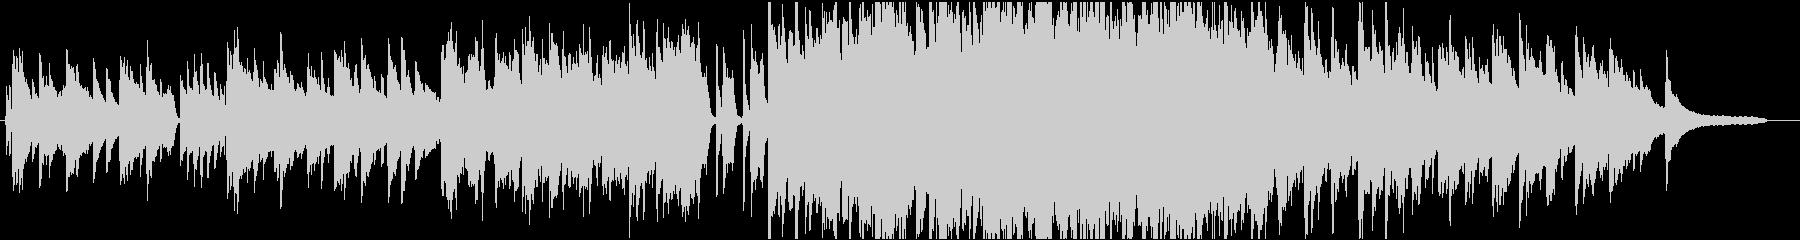 ピアノとストリングスを使用した感動的な曲の未再生の波形